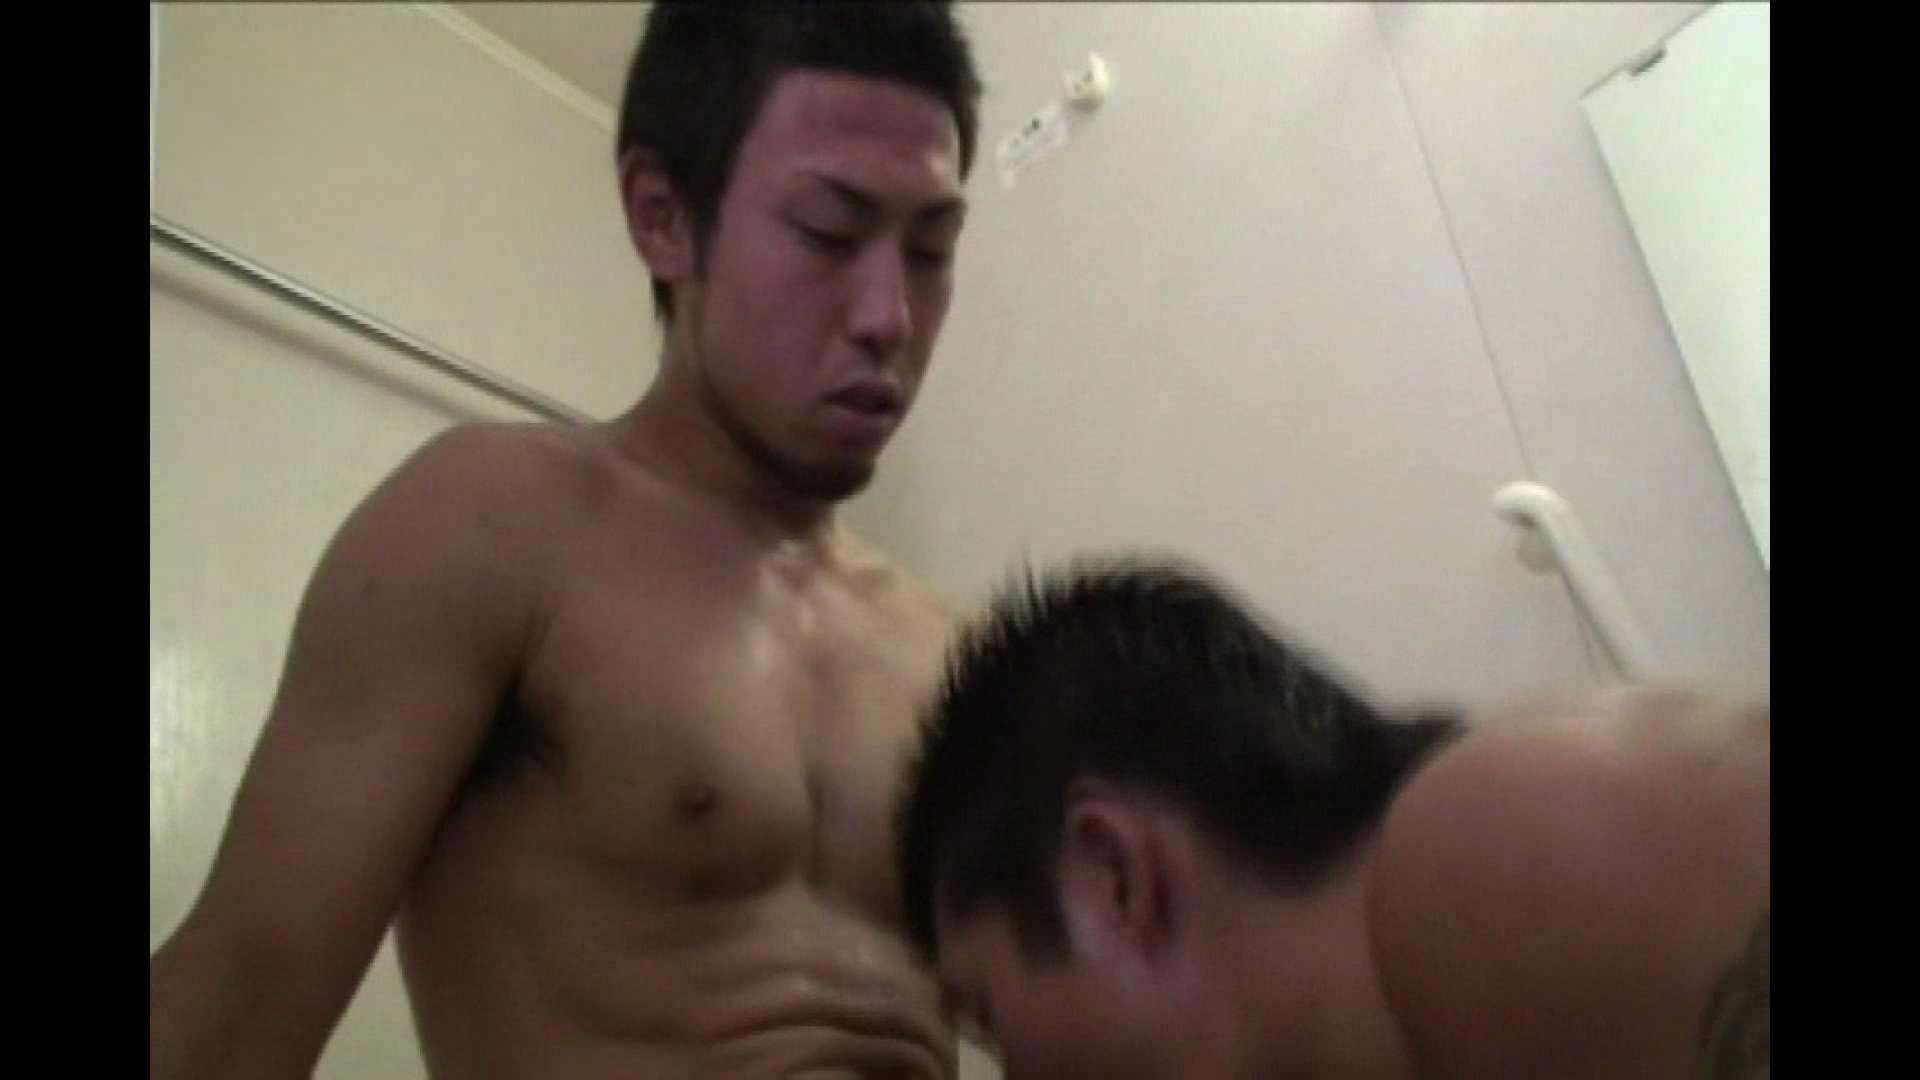 ヤリヤリ野郎共倶楽部vol.38前半 エロ  70連発 40